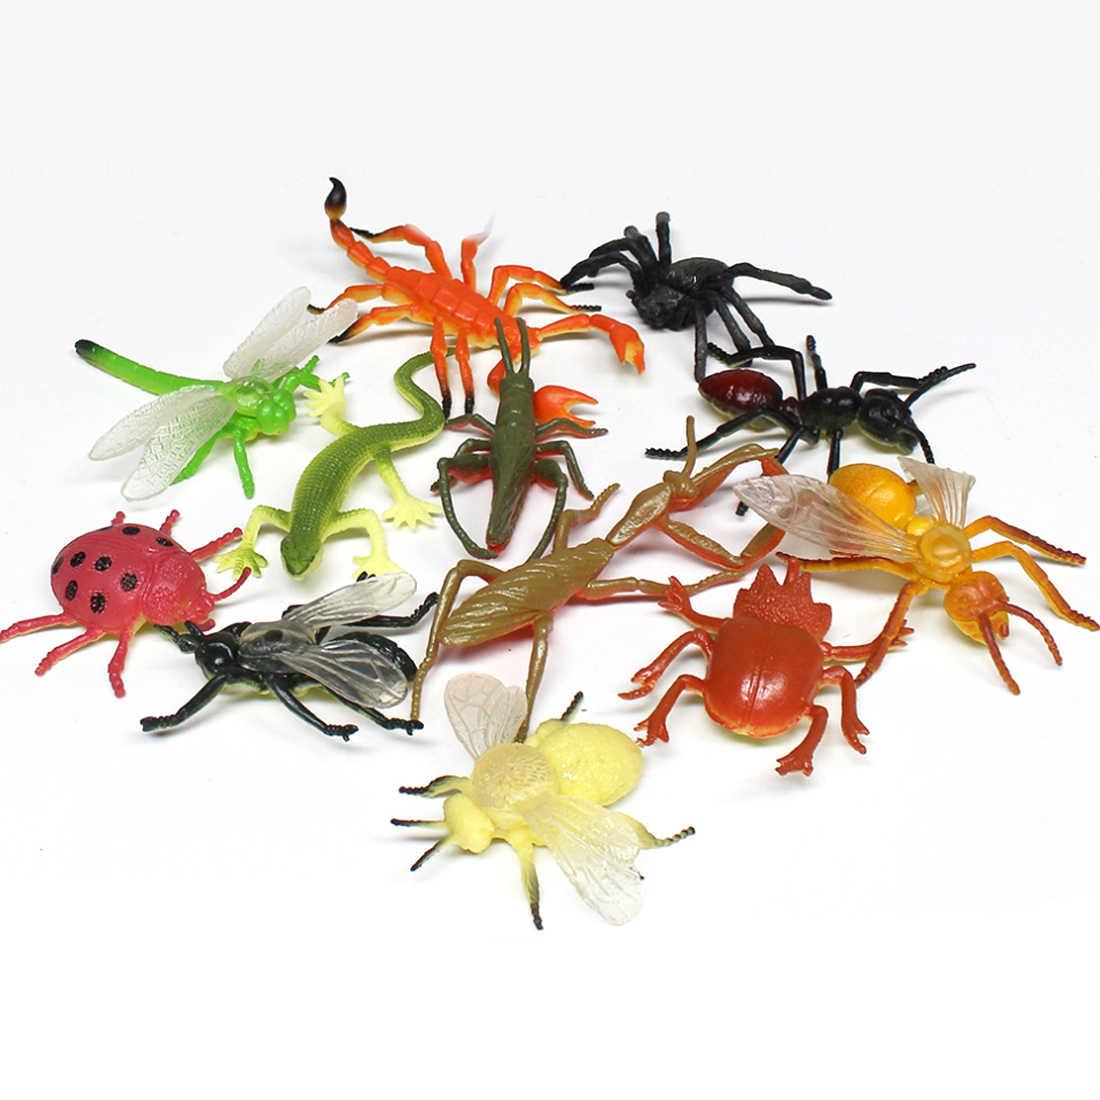 12 pcs plástico Simulação brinquedos Aranha lagarto Gafanhoto Inseto Joaninha Abelha Libélula modelos figures set brinquedos Educativos